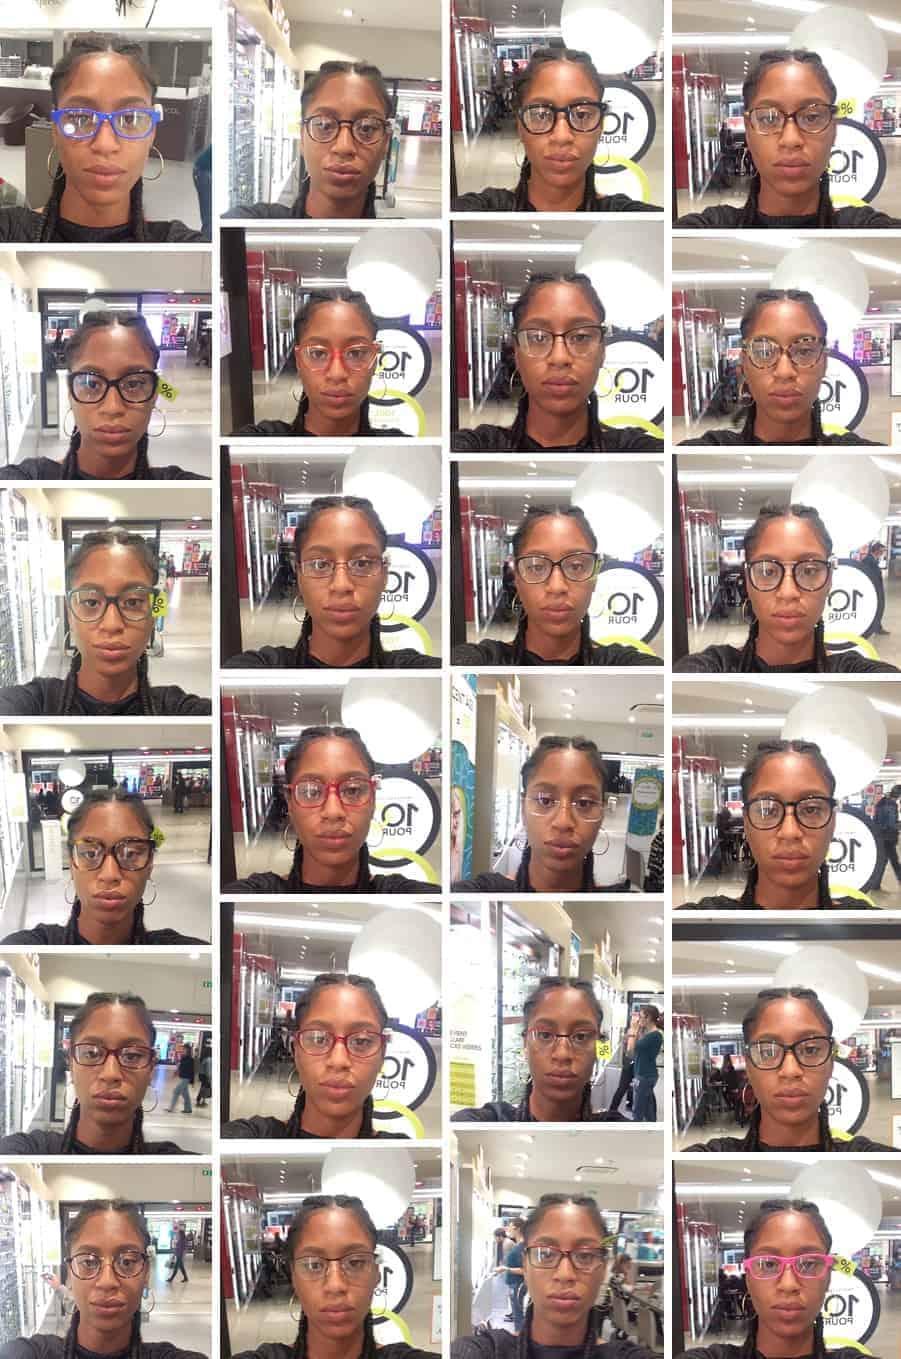 quelle lunette pour quel visage, quelles lunettes pour quel visage, lunette  pour visage rond 9682a69fb19d